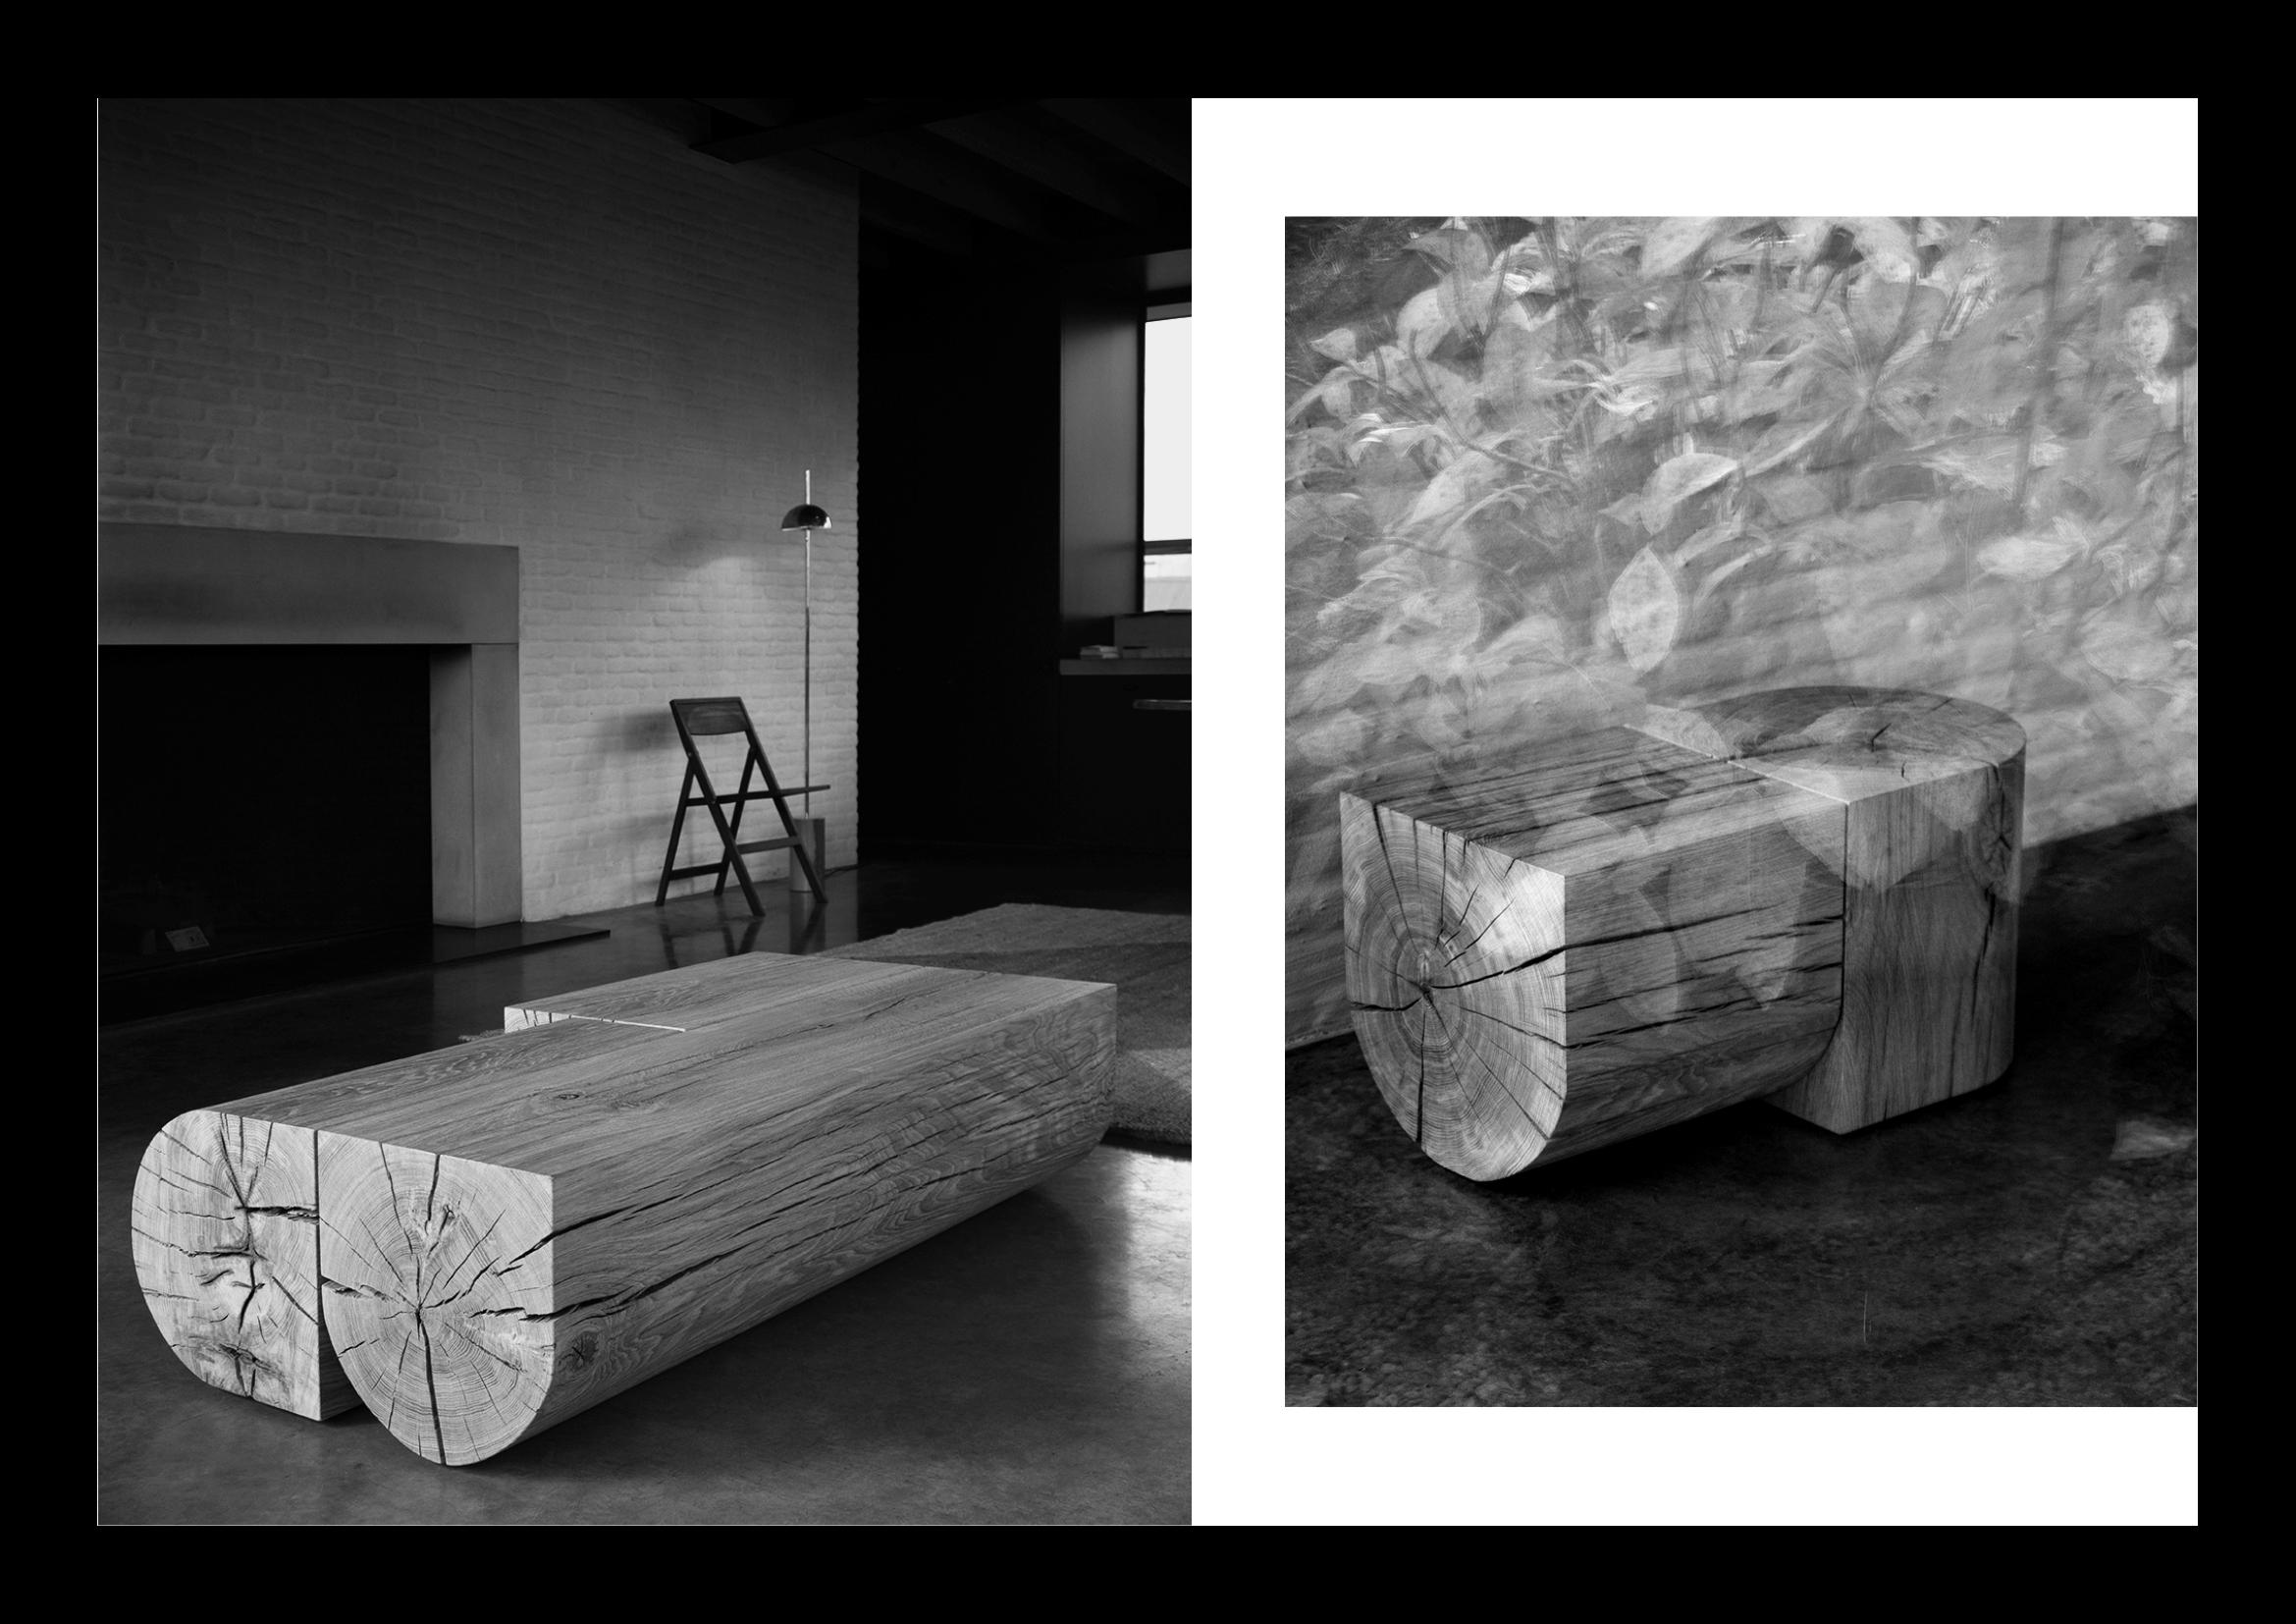 nicoletta-dalfino-van-rossum-x-case-design-imagery.png